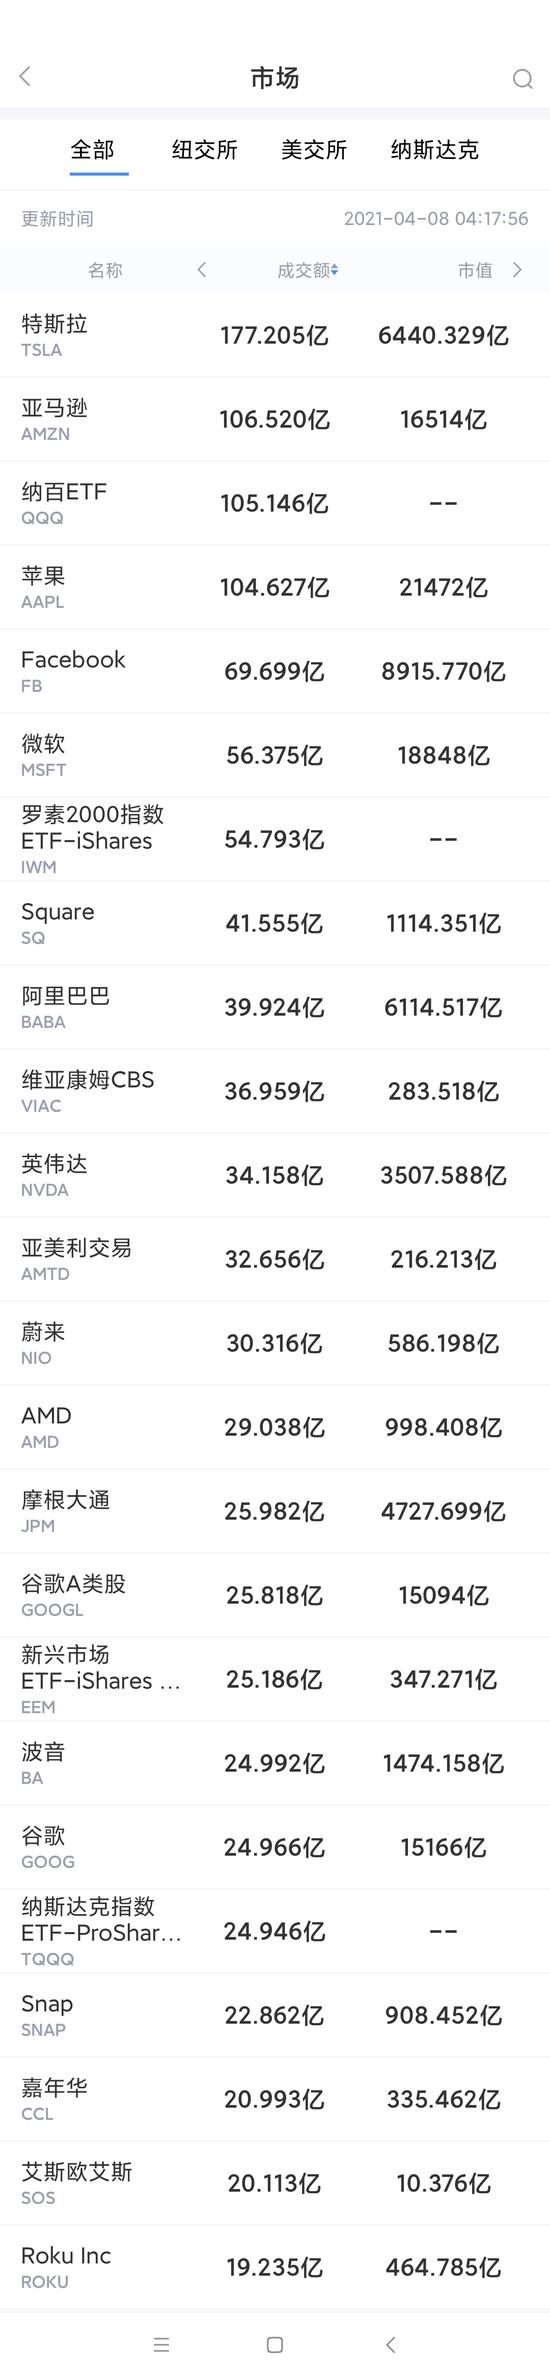 4月7日美股成交额最大20只股票 蔚来李斌称芯片是短期最大挑战